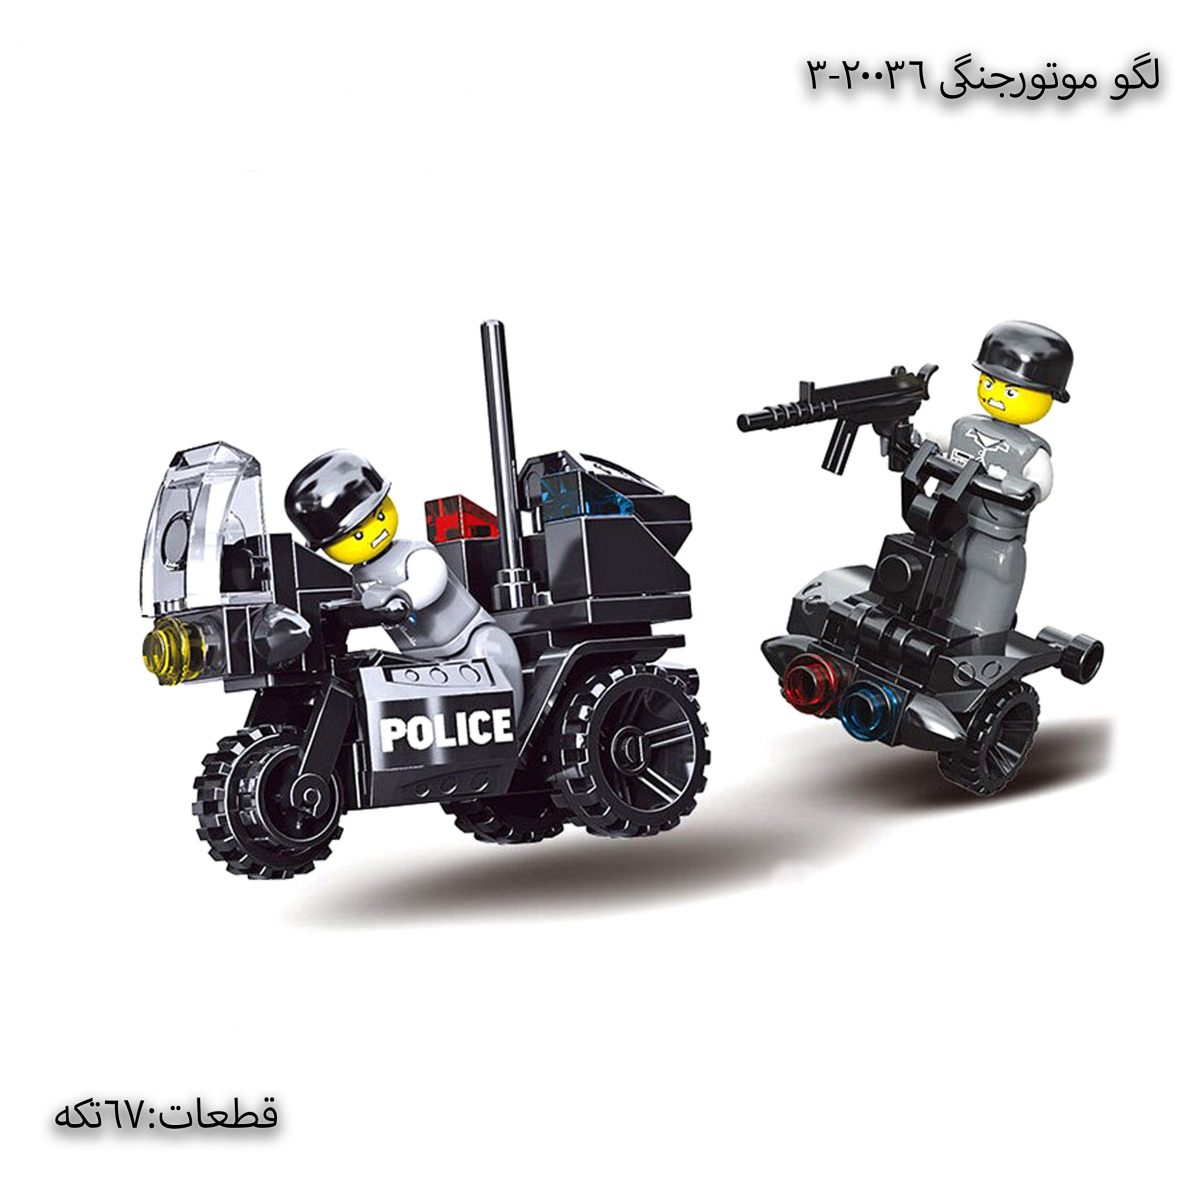 لگو موتورجنگی پلیس 20036-3